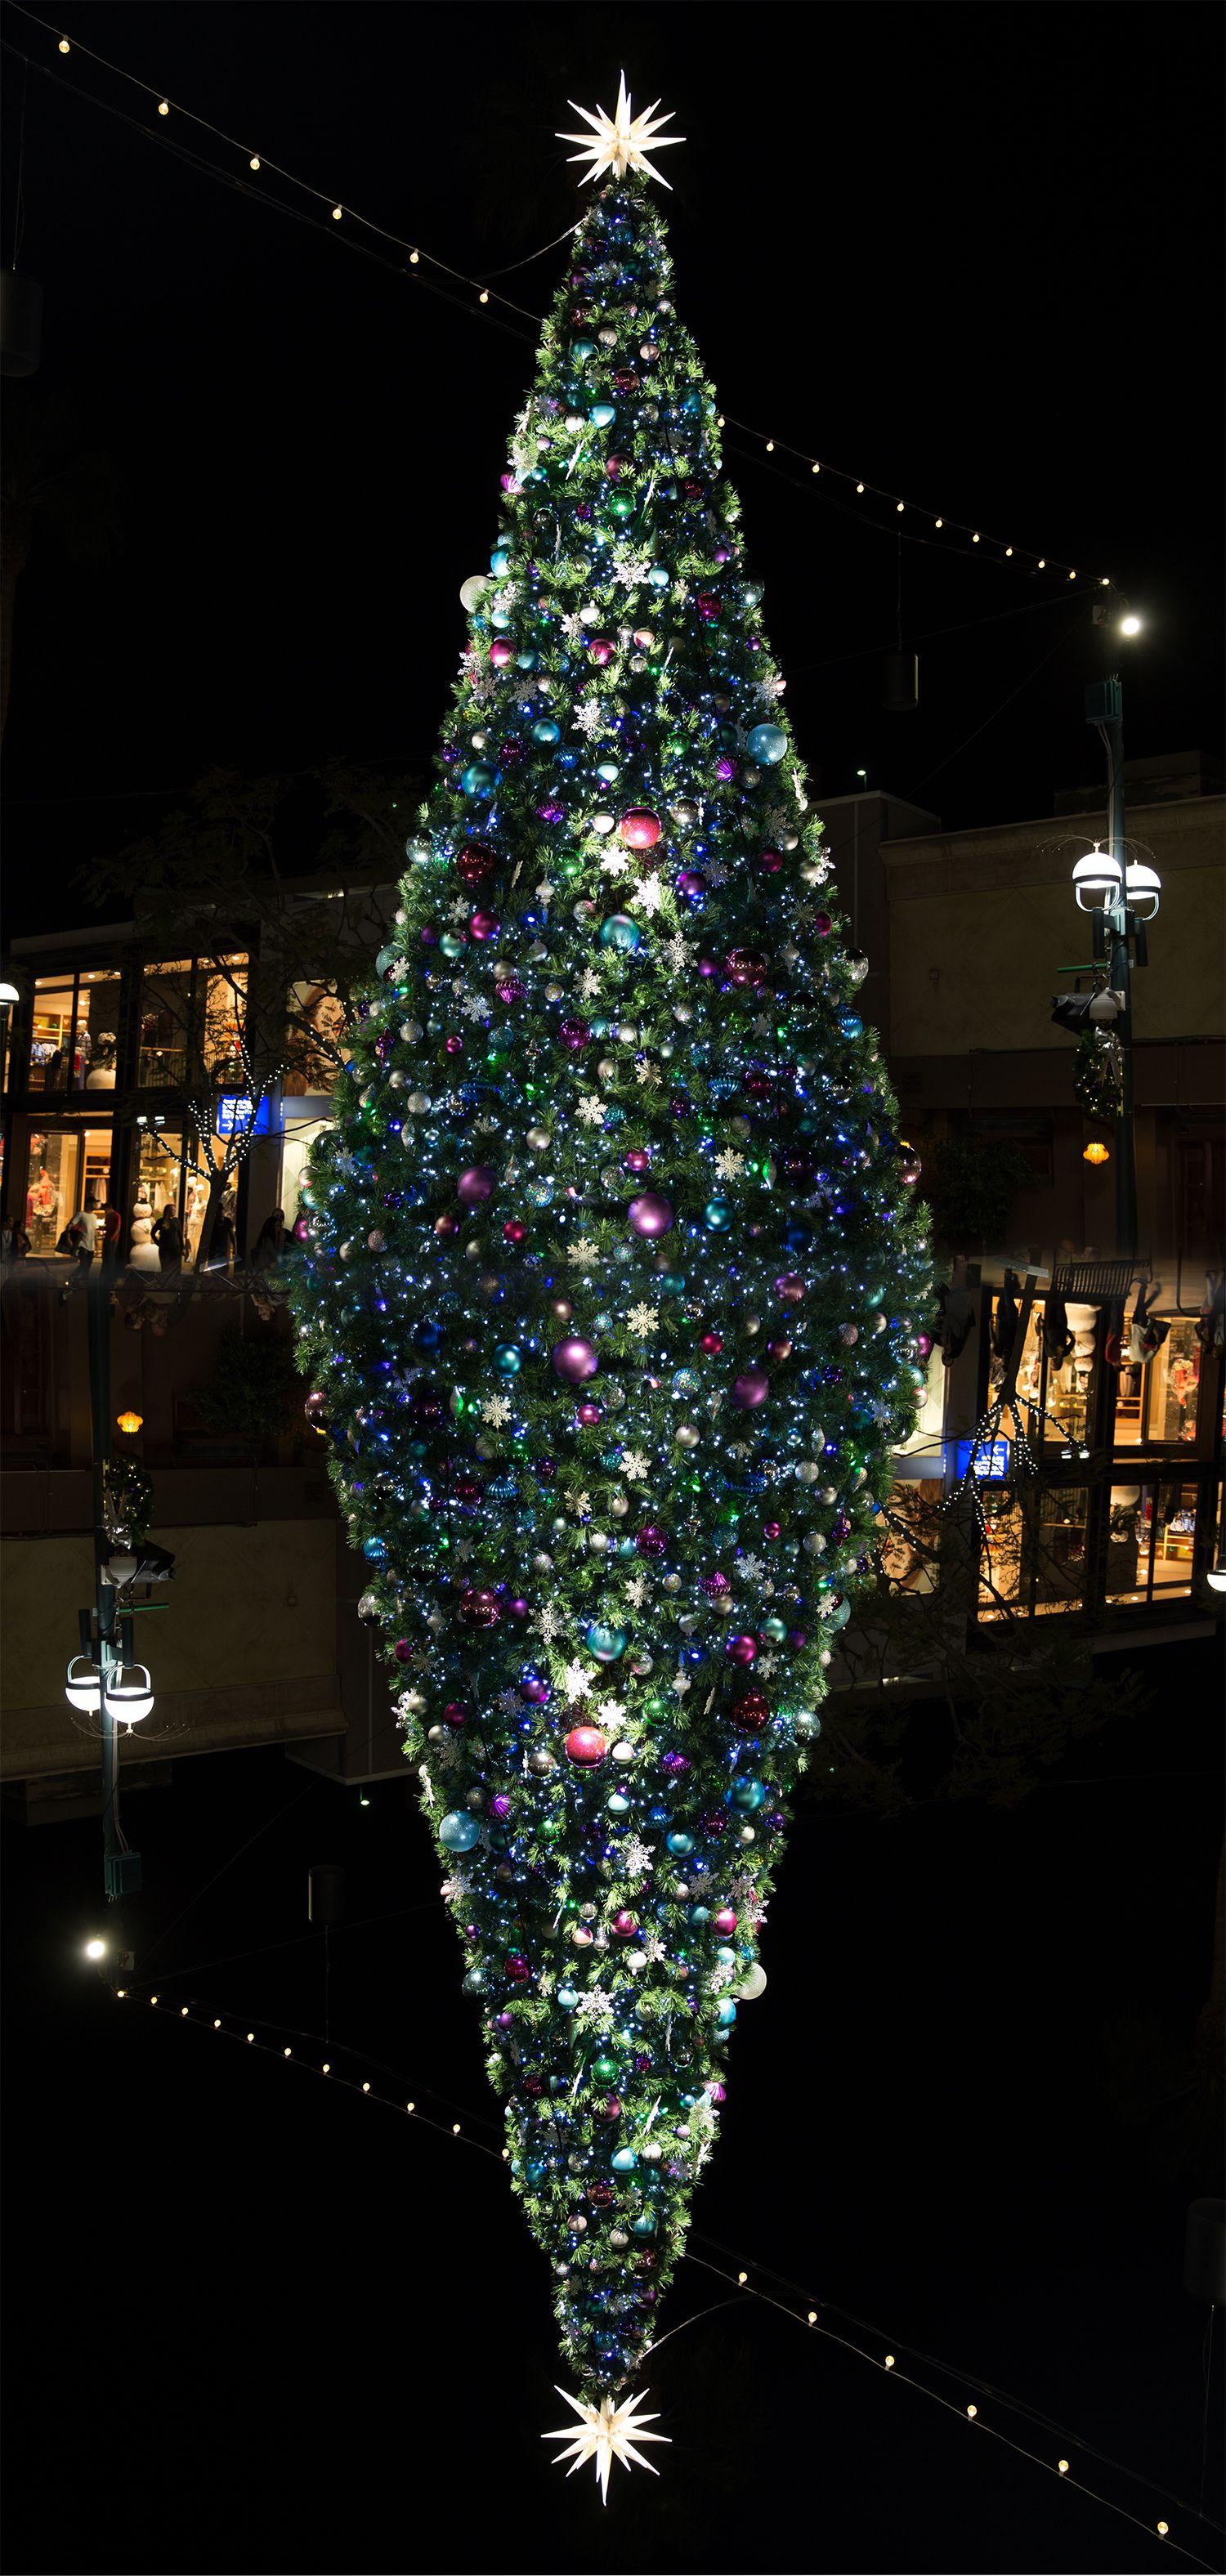 Xmas tree, Santa Monica, Los Angeles #LA #Cali